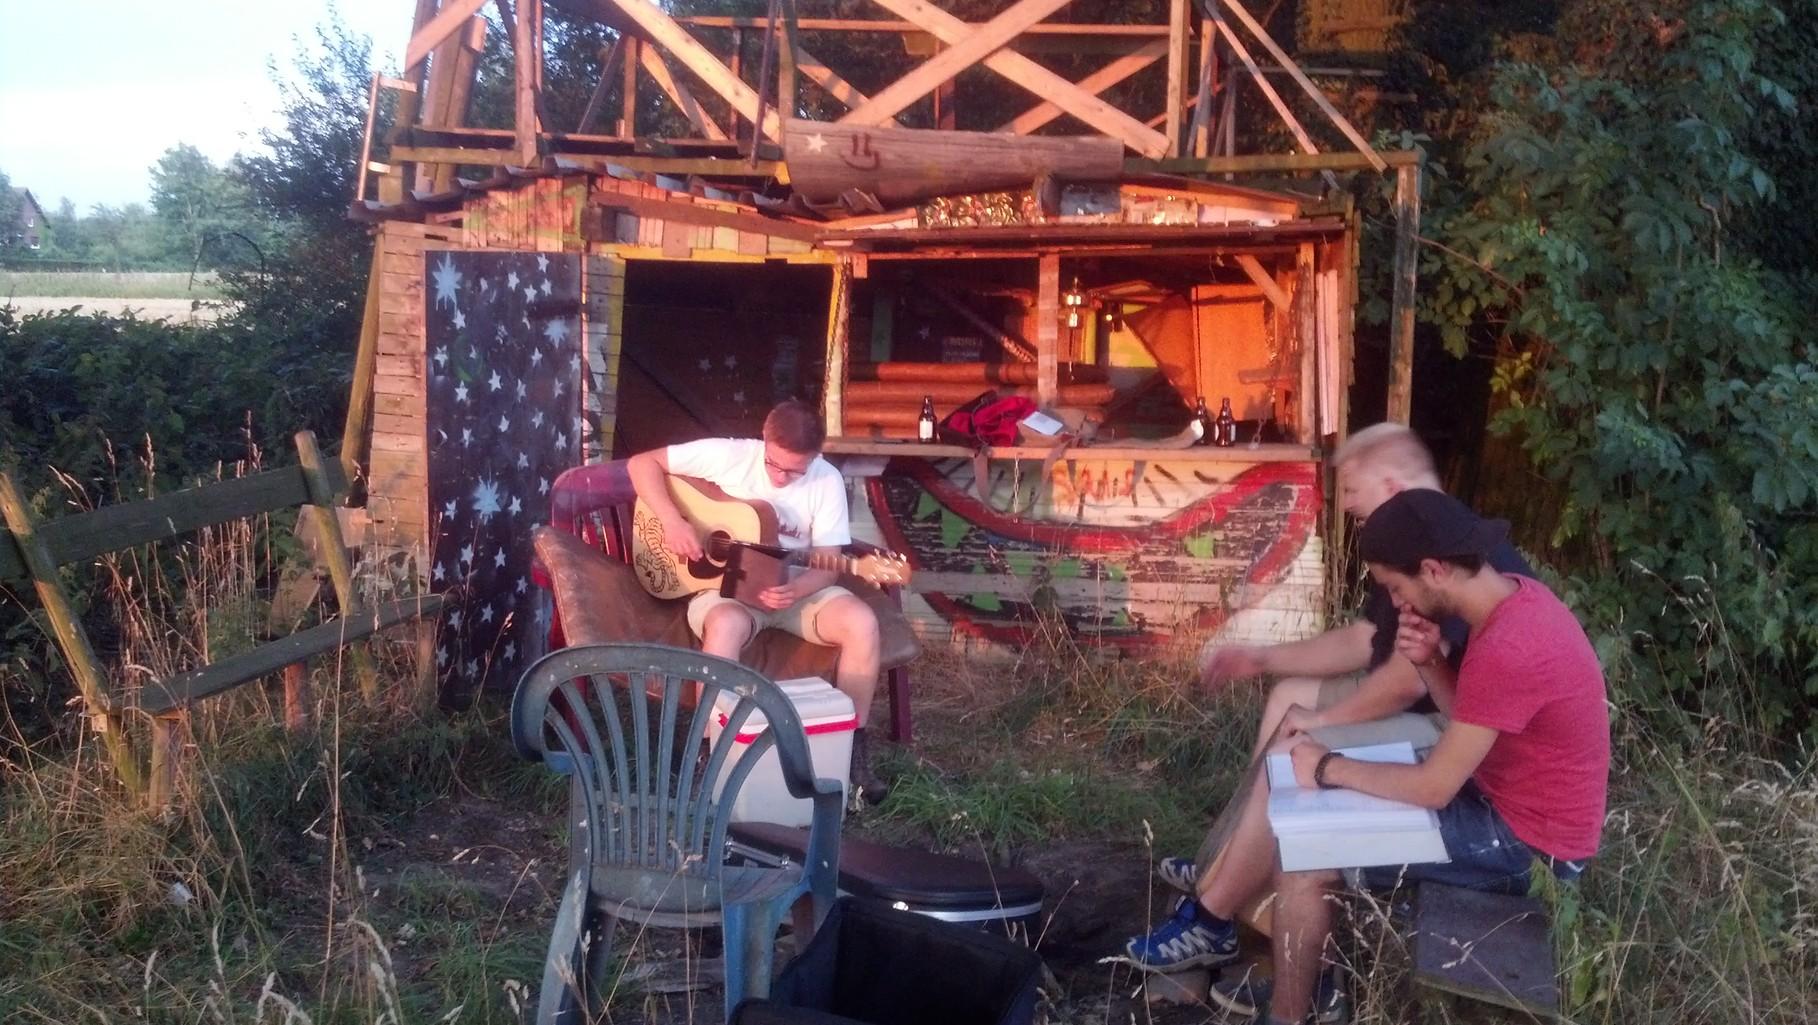 05.08.2013 - unsere erste Probe bei Lagerfeuer und Bier